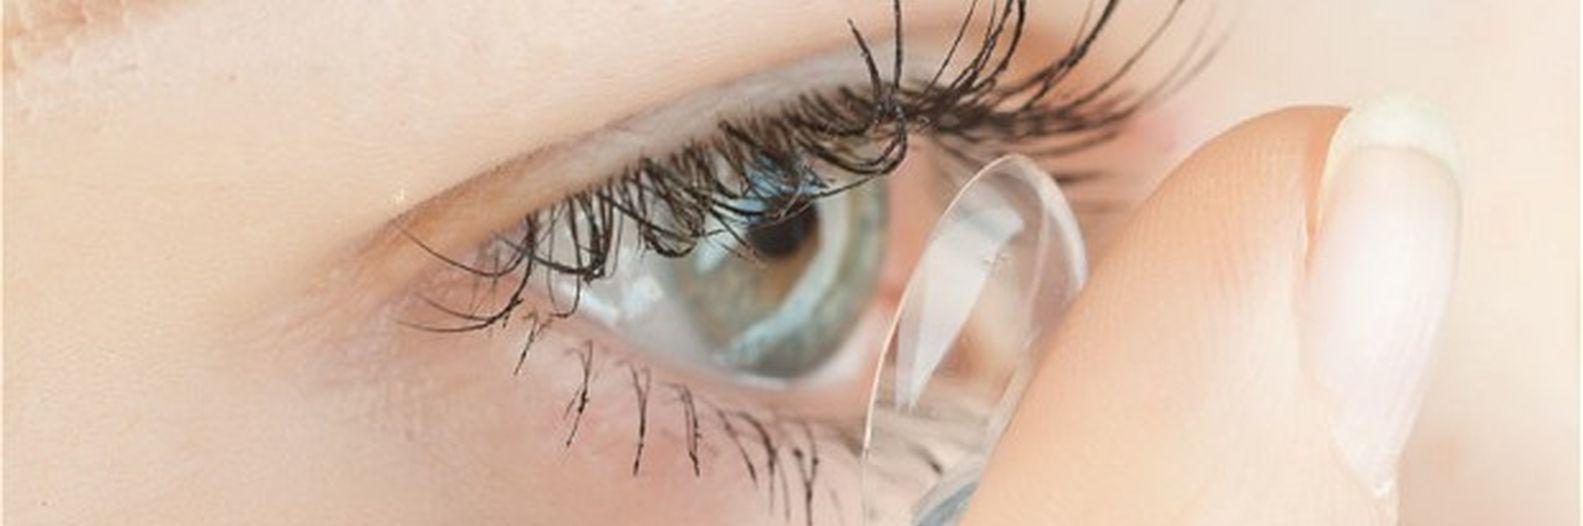 Acheter des lentilles de contact : comment faire ?